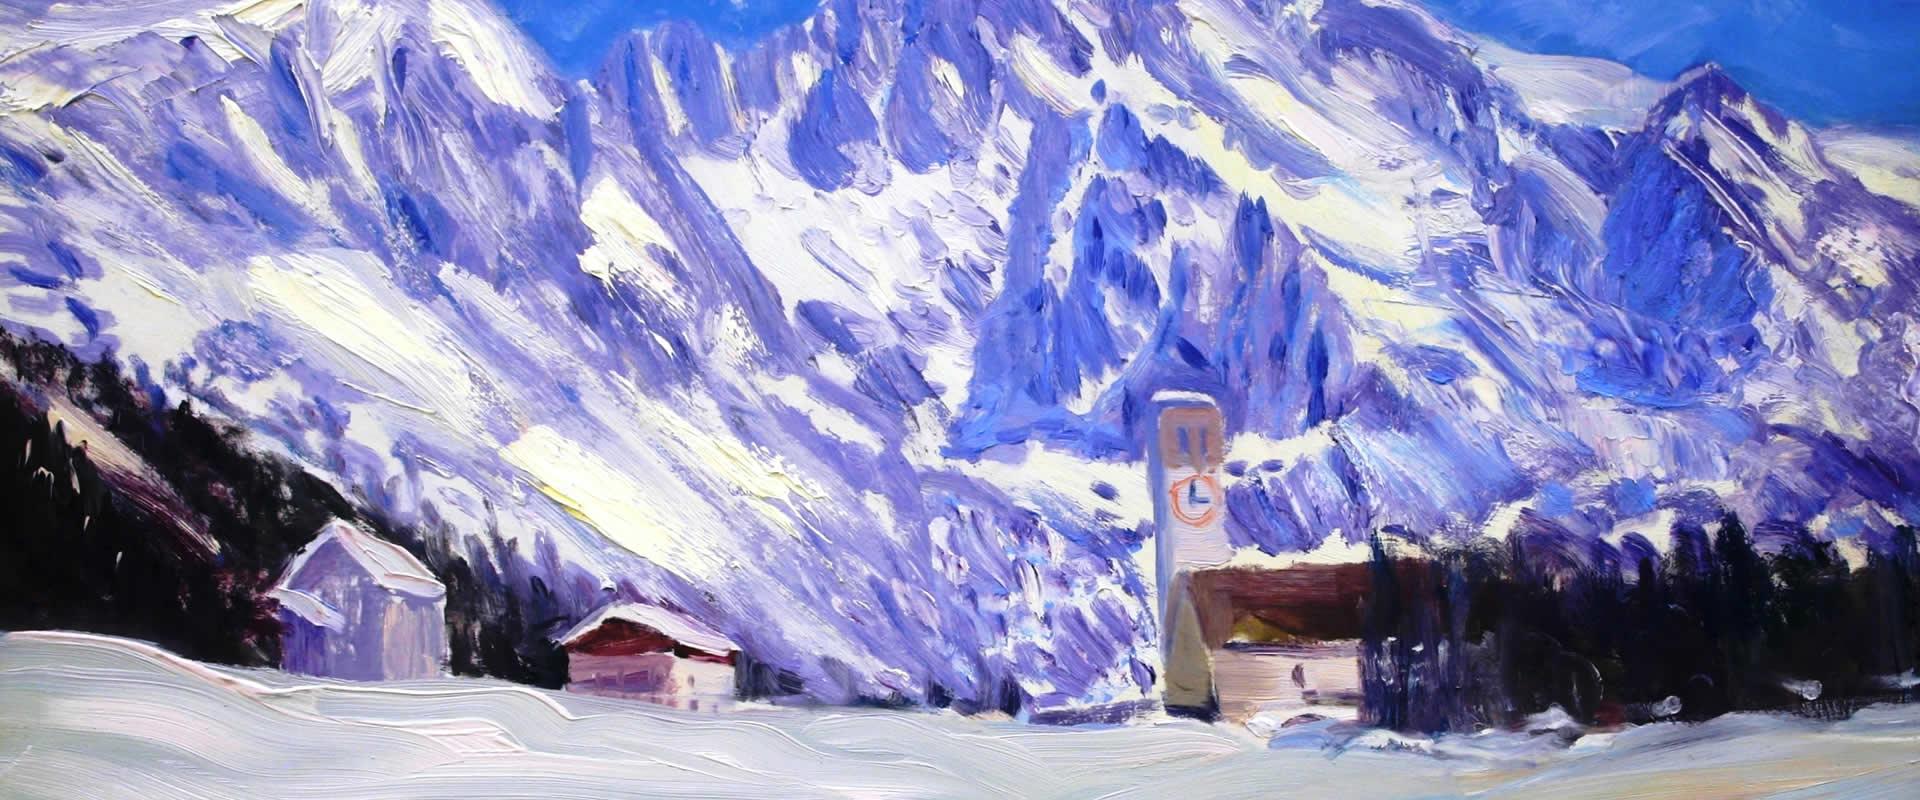 Dipinti con Soggetto Paesaggio - Solazzo